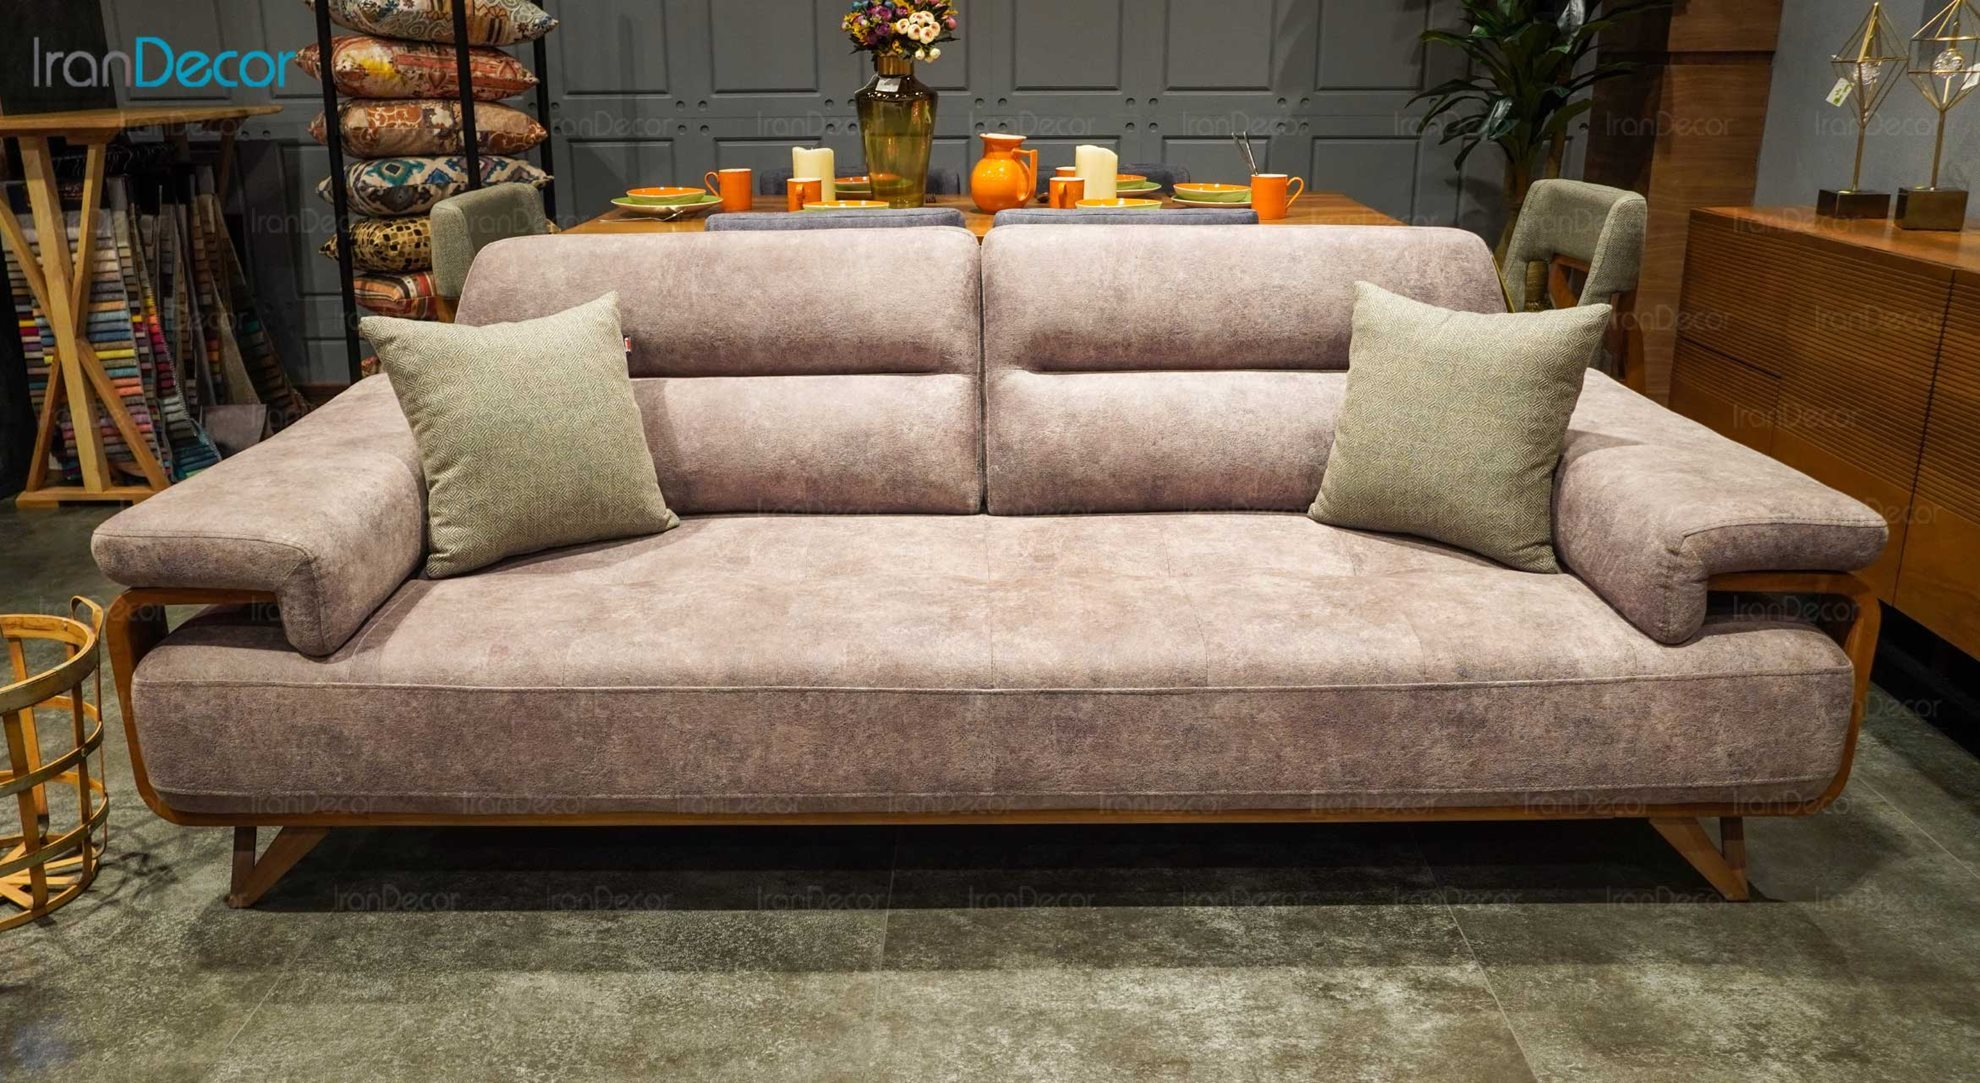 کاناپه-راحتی-سه-نفره-صبوری-مدل-اینجوی